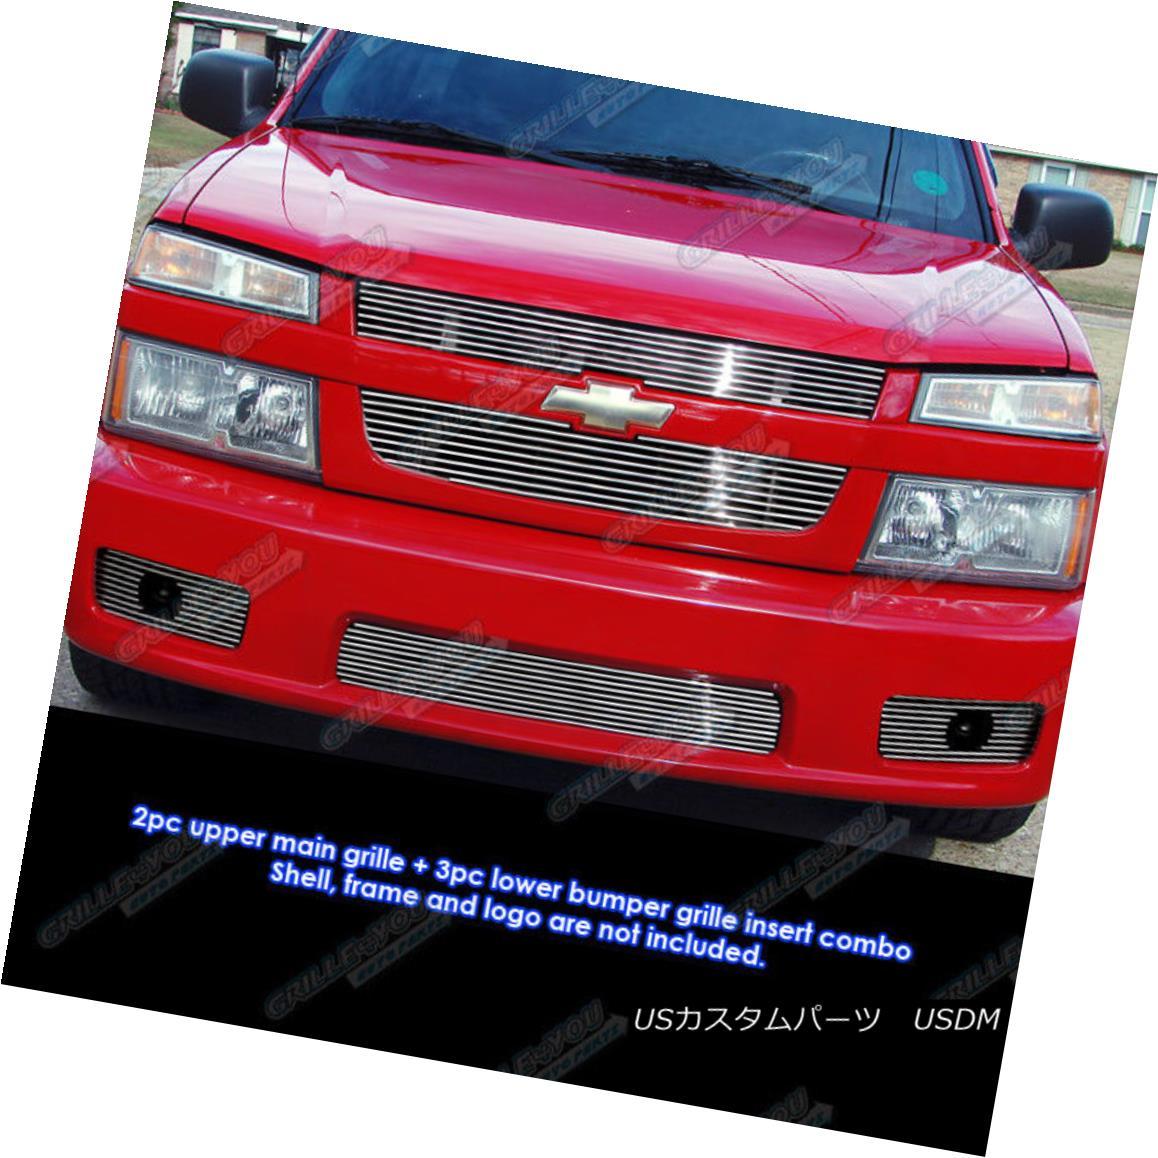 グリル Fits 04-10 Chevy Colorado Xtreme Billet Grille Combo Insert フィット04-10シボレーコロラドXtremeビレットグリルコンボインサート